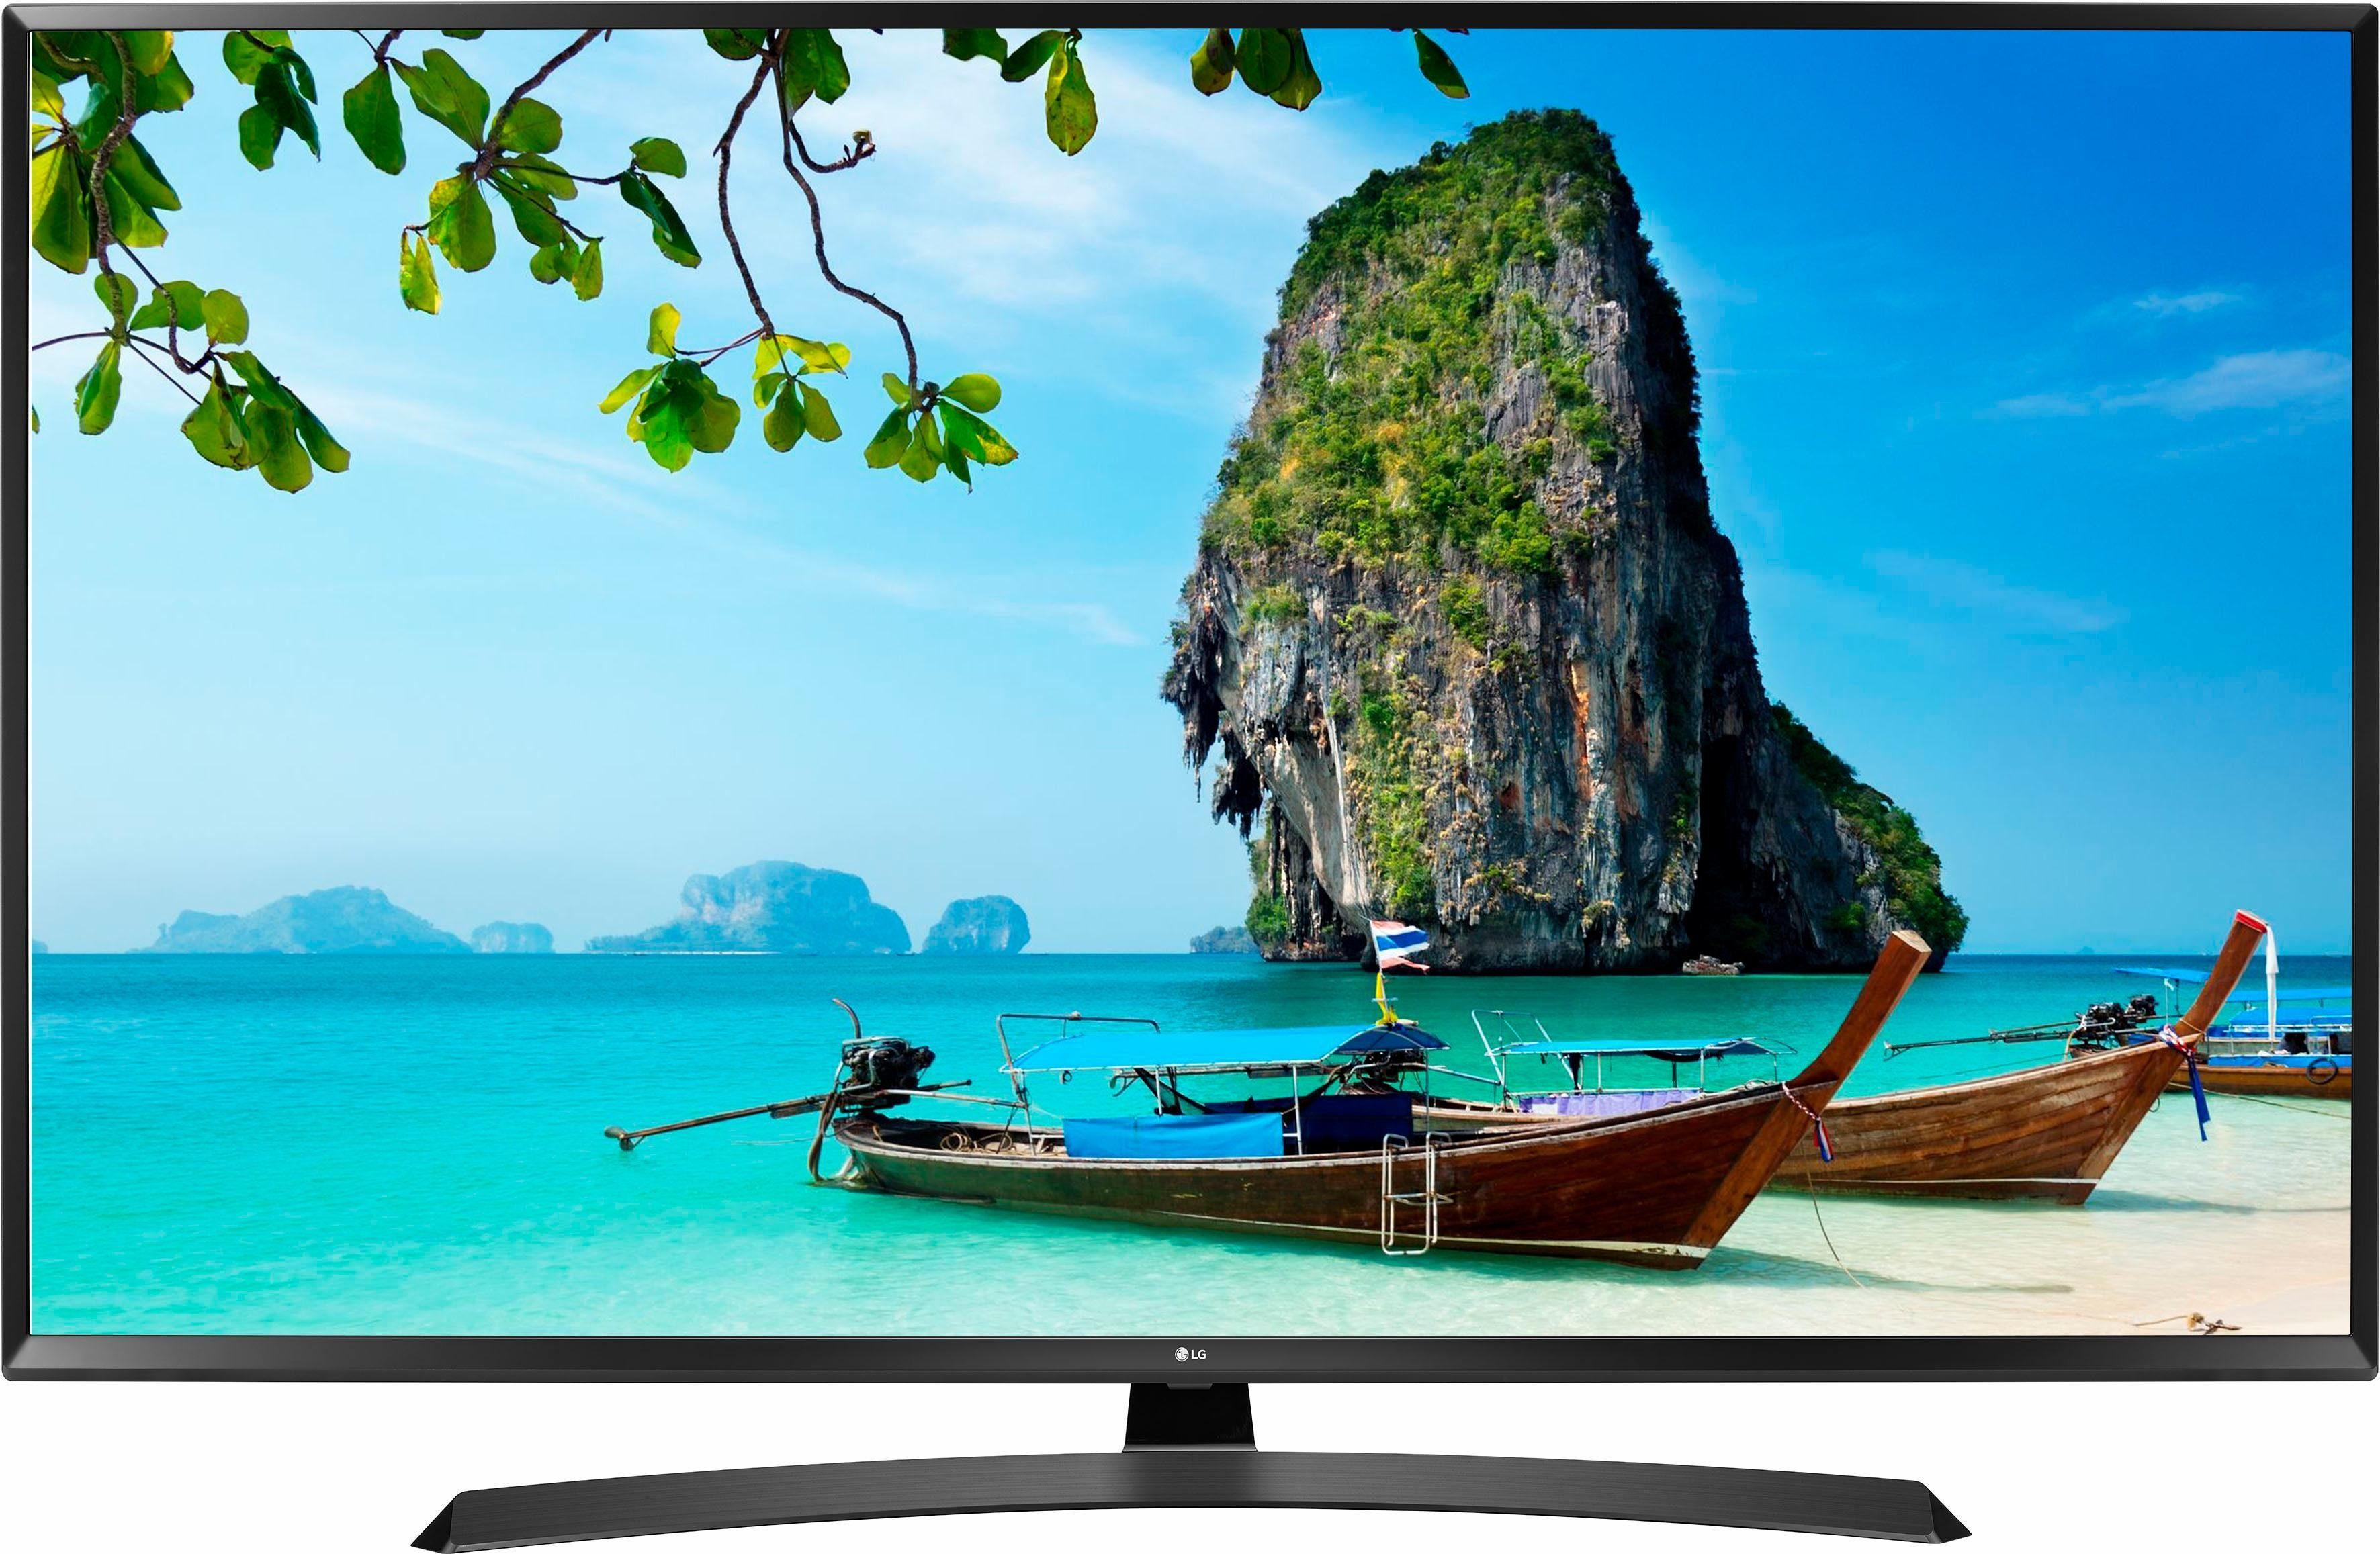 LG 49UJ635V LED-Fernseher (49 Zoll, 4K Ultra HD, Smart-TV, 36 Monate Garantie)